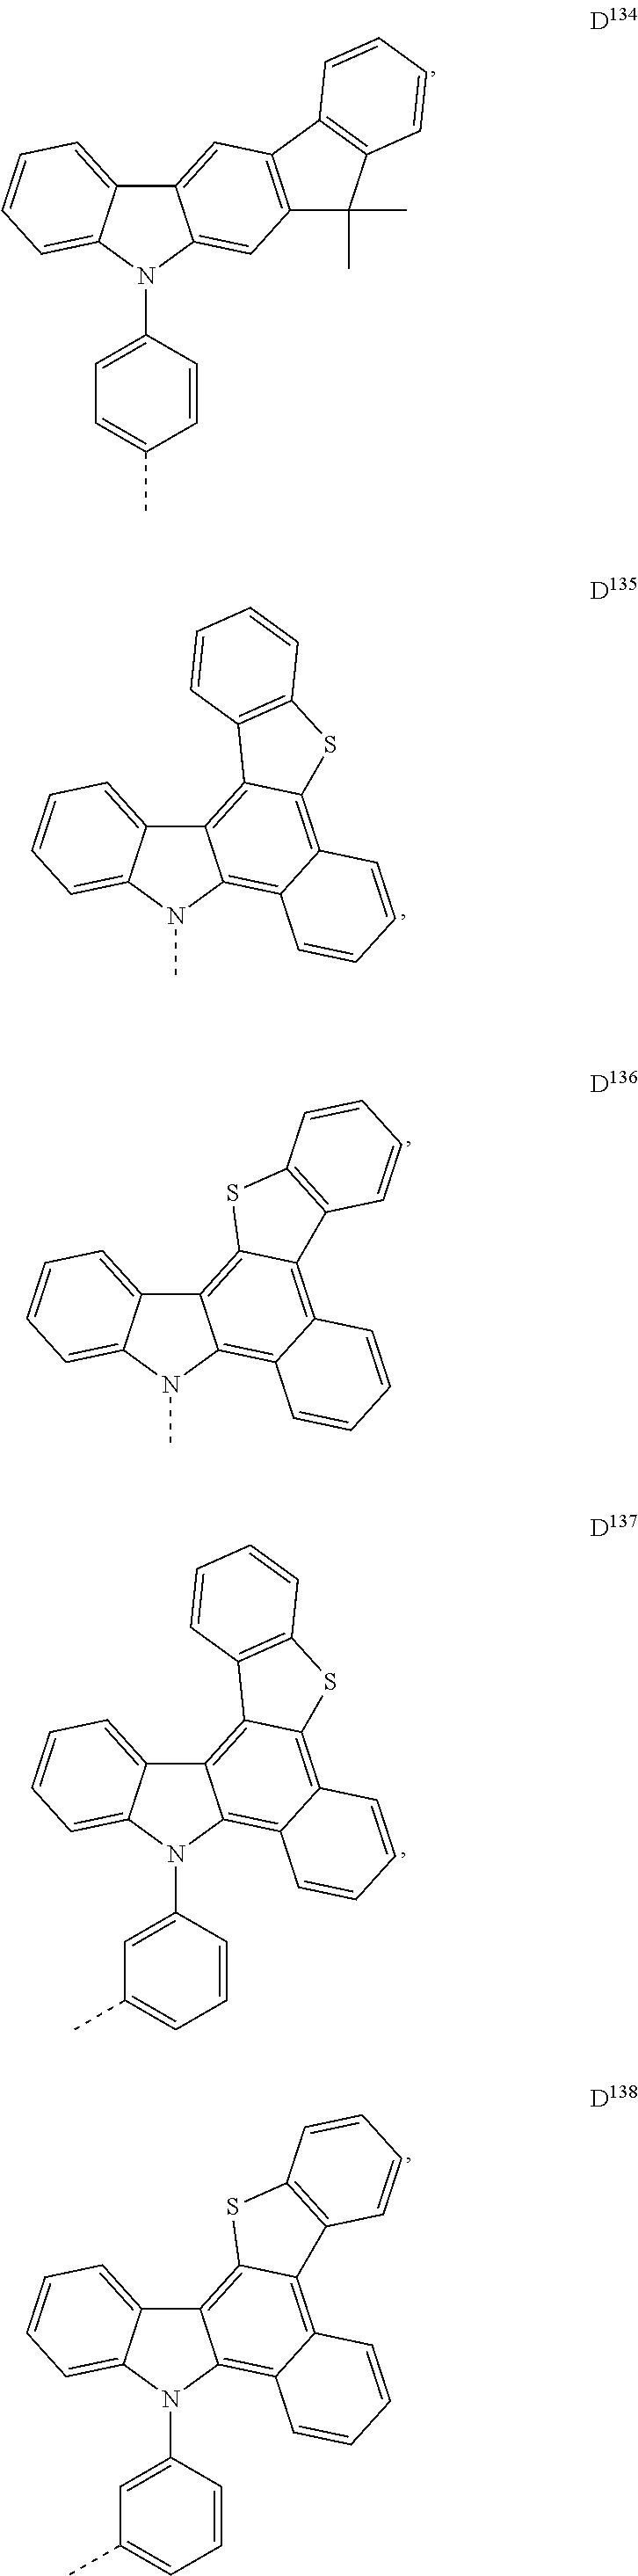 Figure US20170033295A1-20170202-C00060